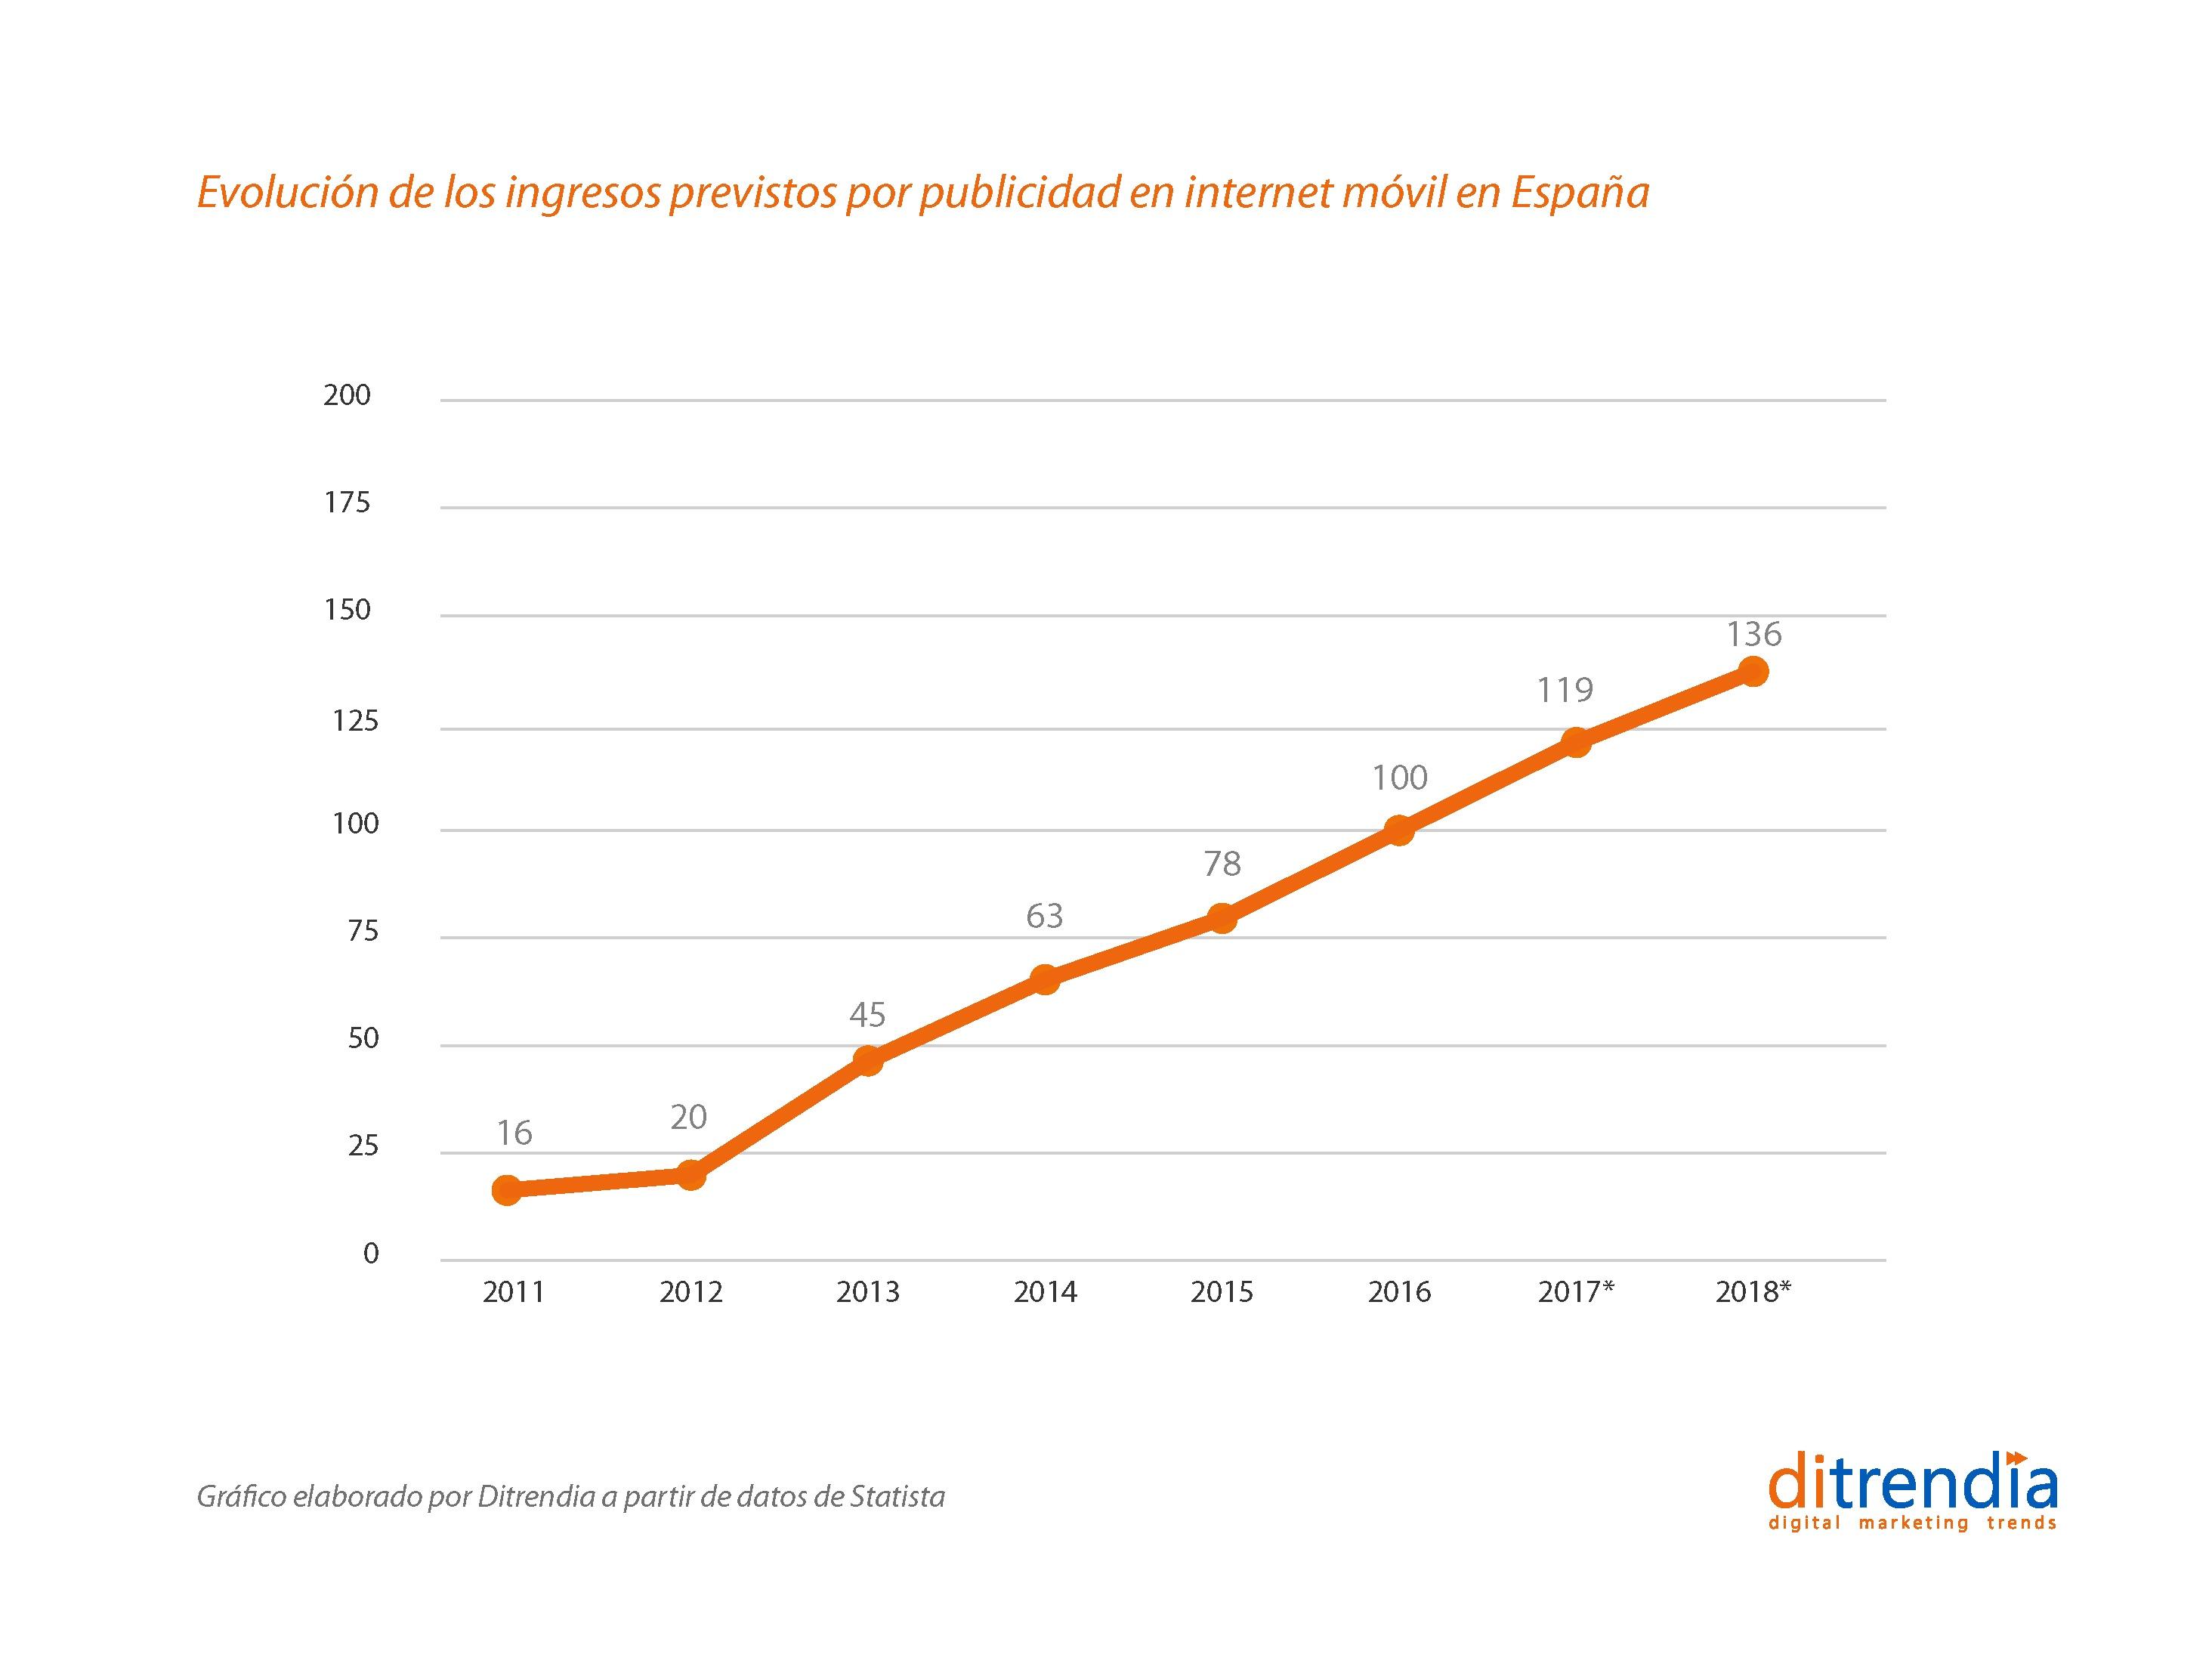 Evolución ingresos por publicidad móvil en España